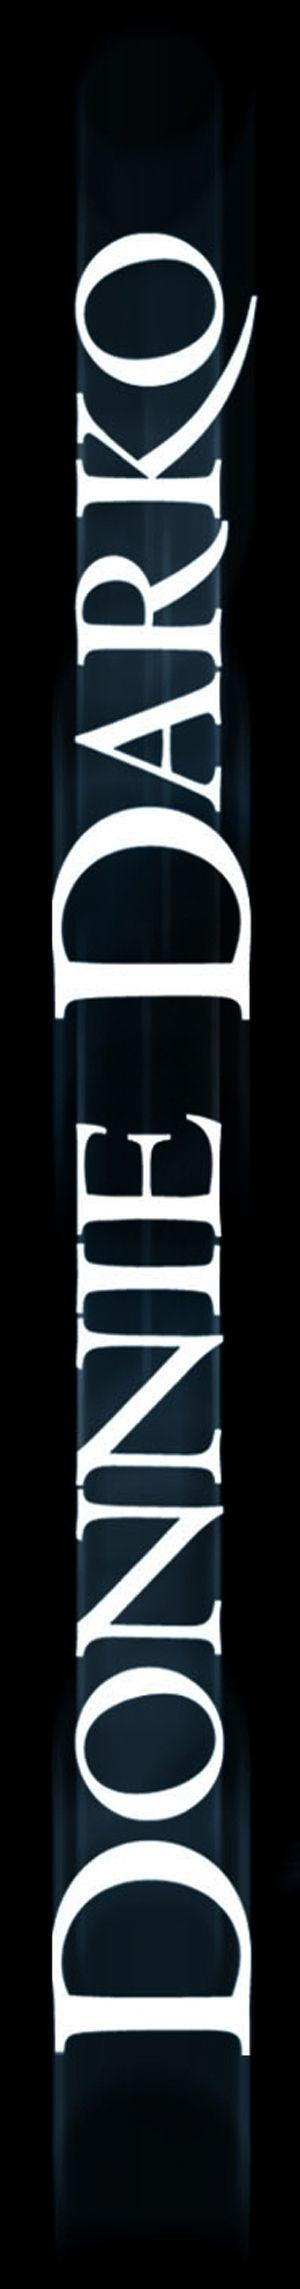 Donnie Darko 300x2289